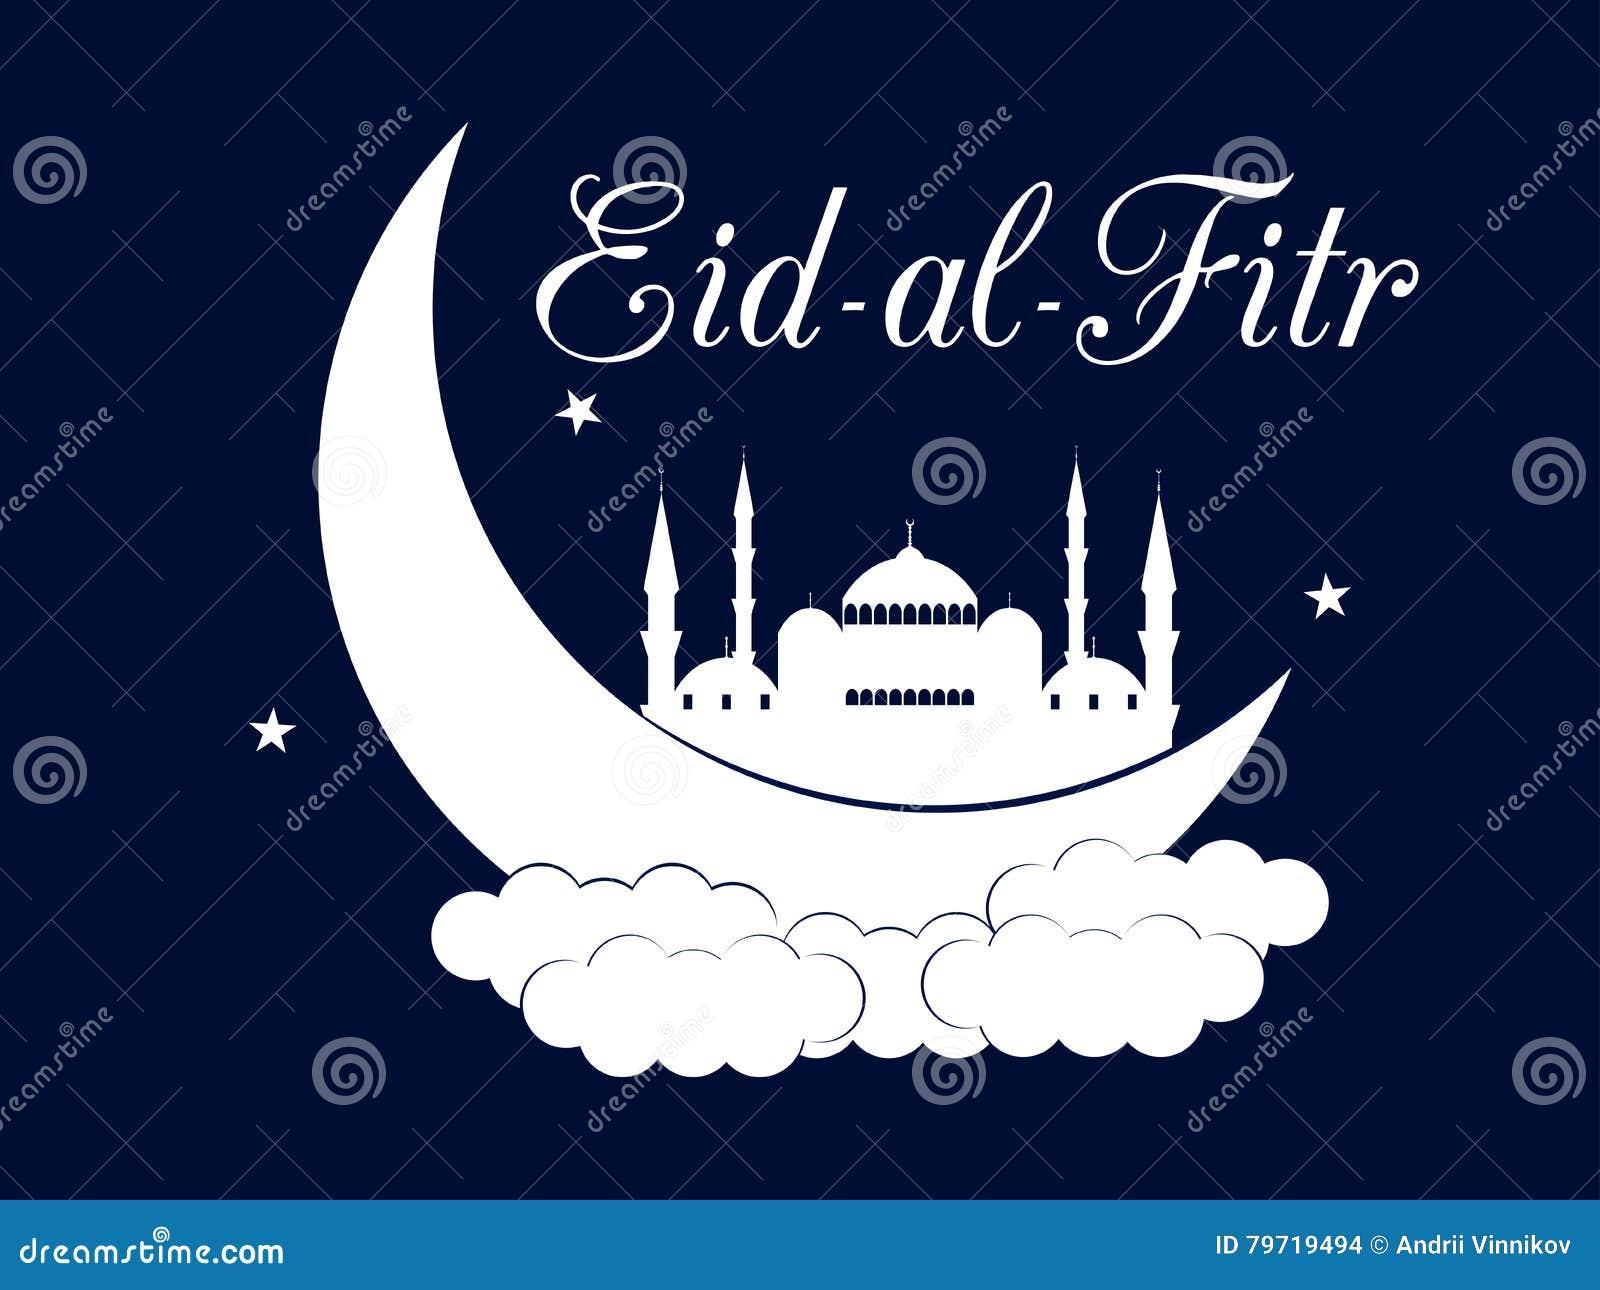 Ramadan Kareem Eid Al Fitr Muslim Traditional Holiday Eid Mubarak